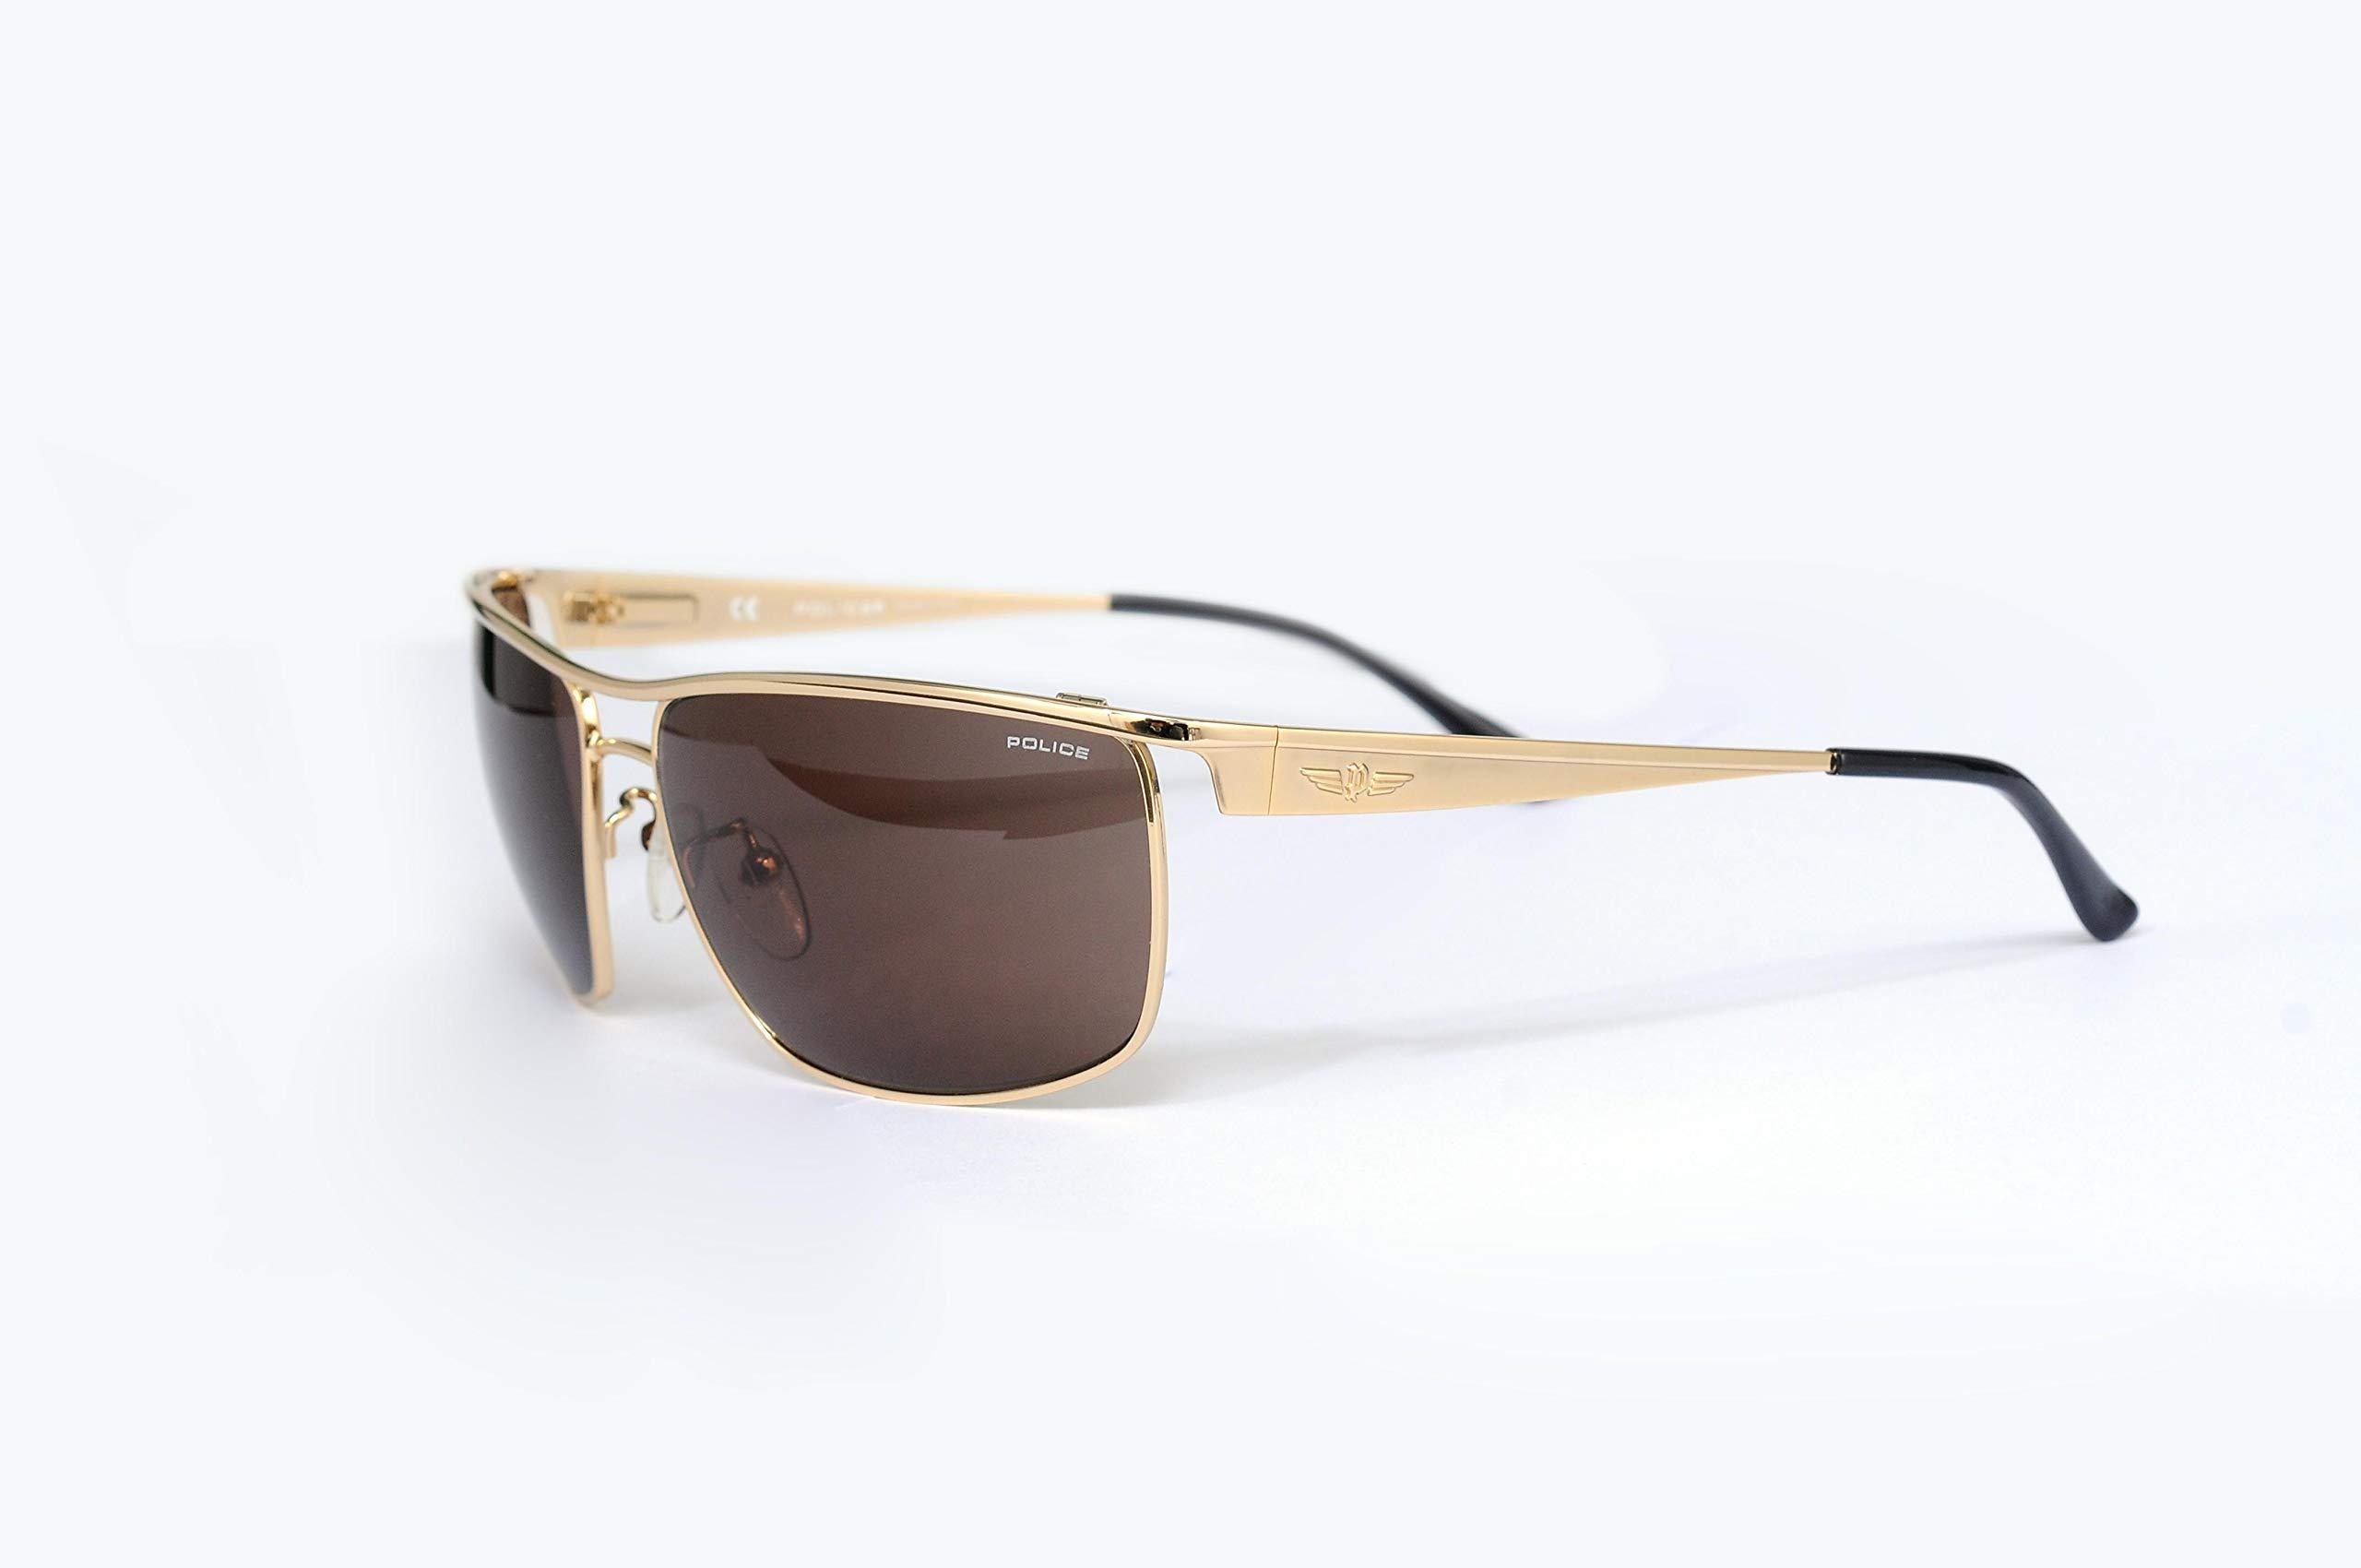 015eb9980 سعر بوليس نظارة شمسية للرجال إطار ذهبي مع مرآة بنية S8516-349B فى ...